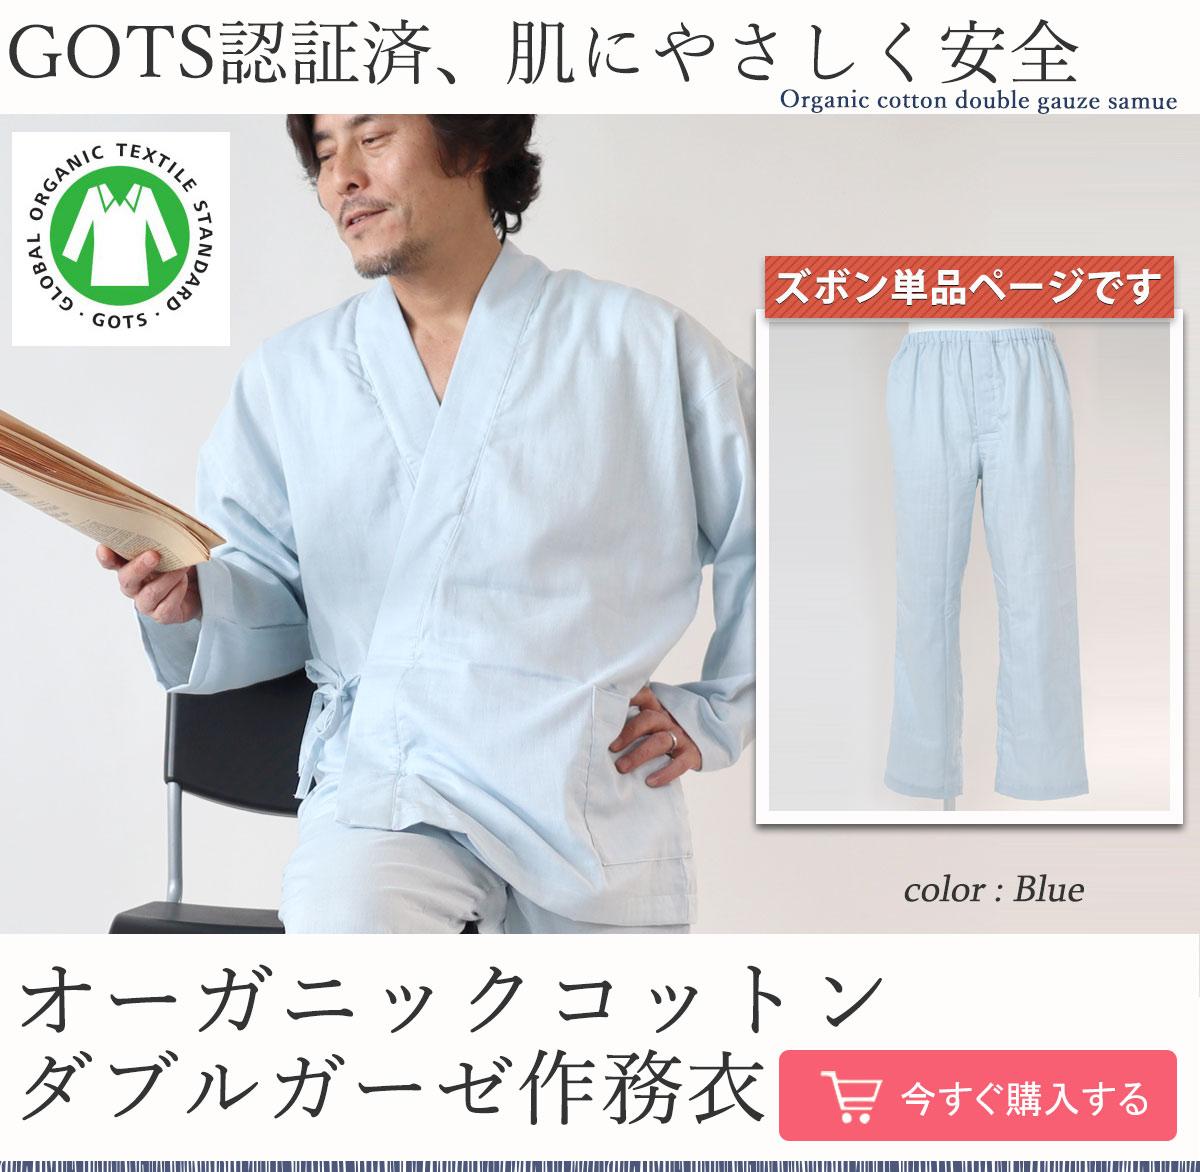 GOTS認証済、肌にやさしく安全、オーガニックコットンダブルガーゼ作務衣ズボン単品